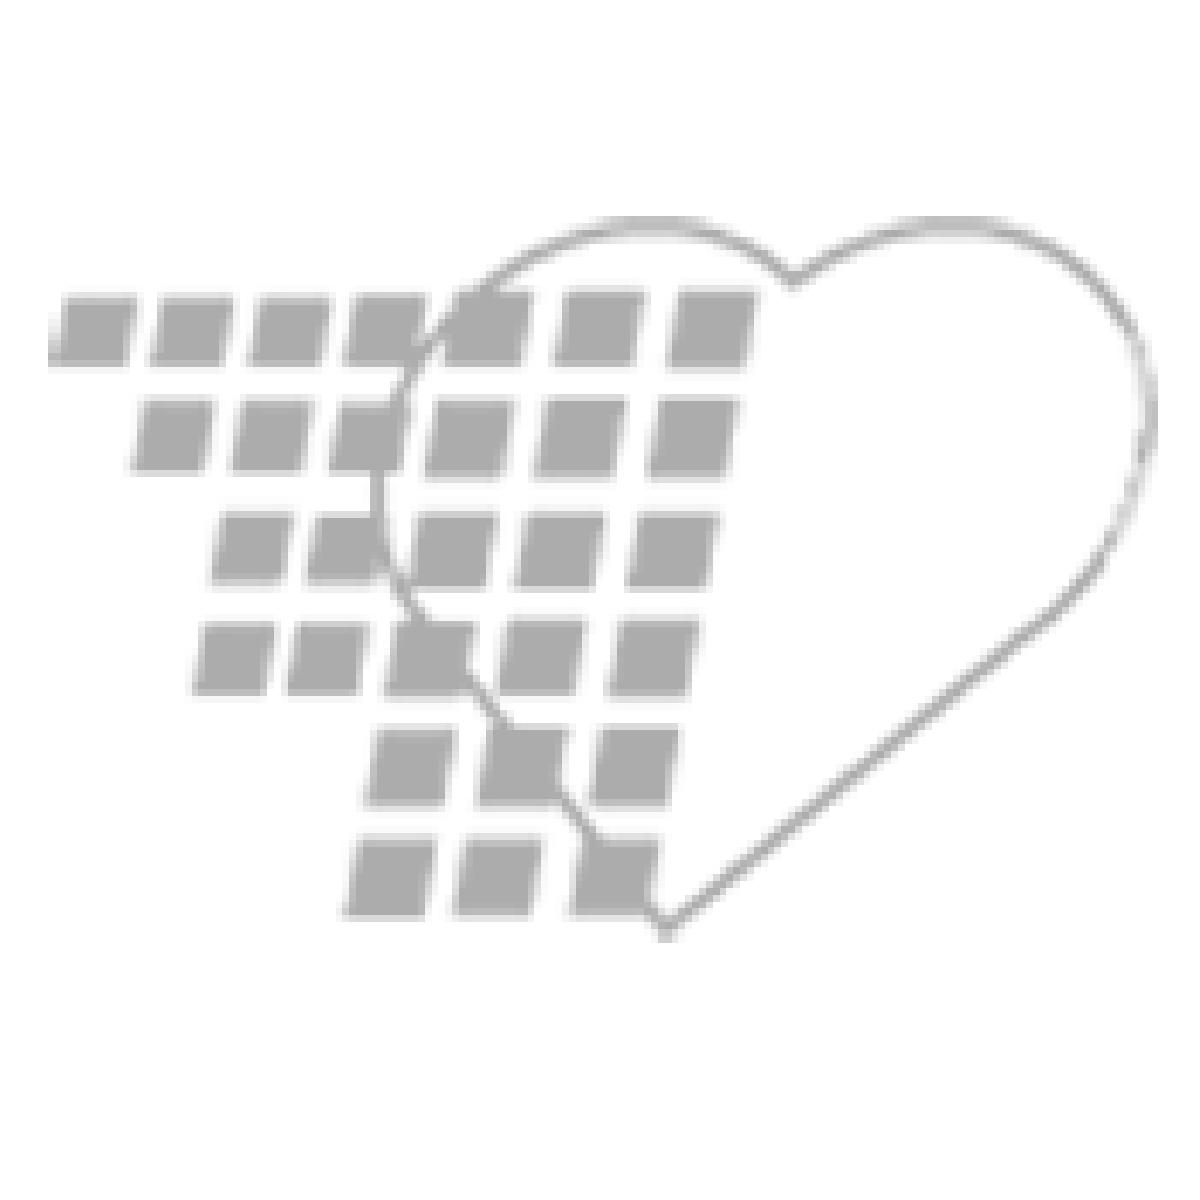 06-93-1040 Demo Dose® Lactatd Ringr's 5% Dextros IV Fluids